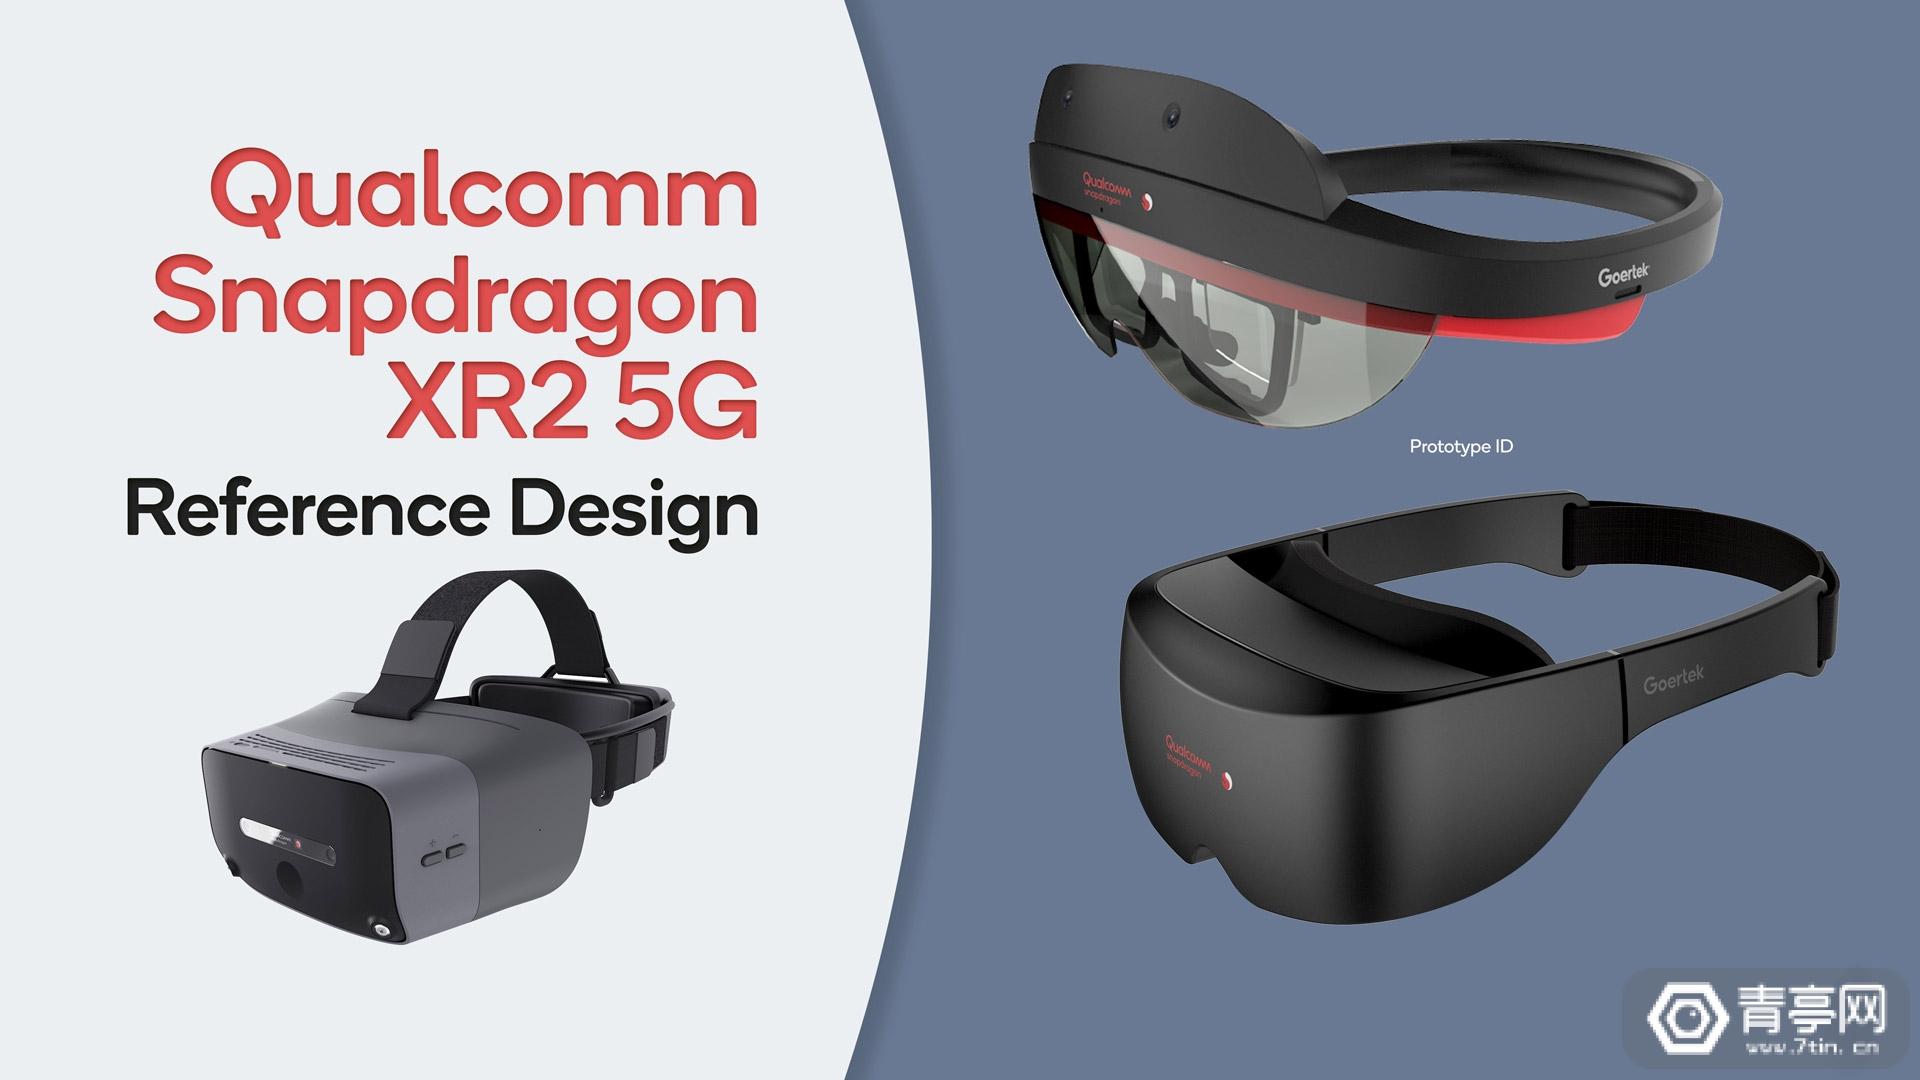 高通发布XR2 5G参考设计,Facebook高管谈论AR必须依赖5G